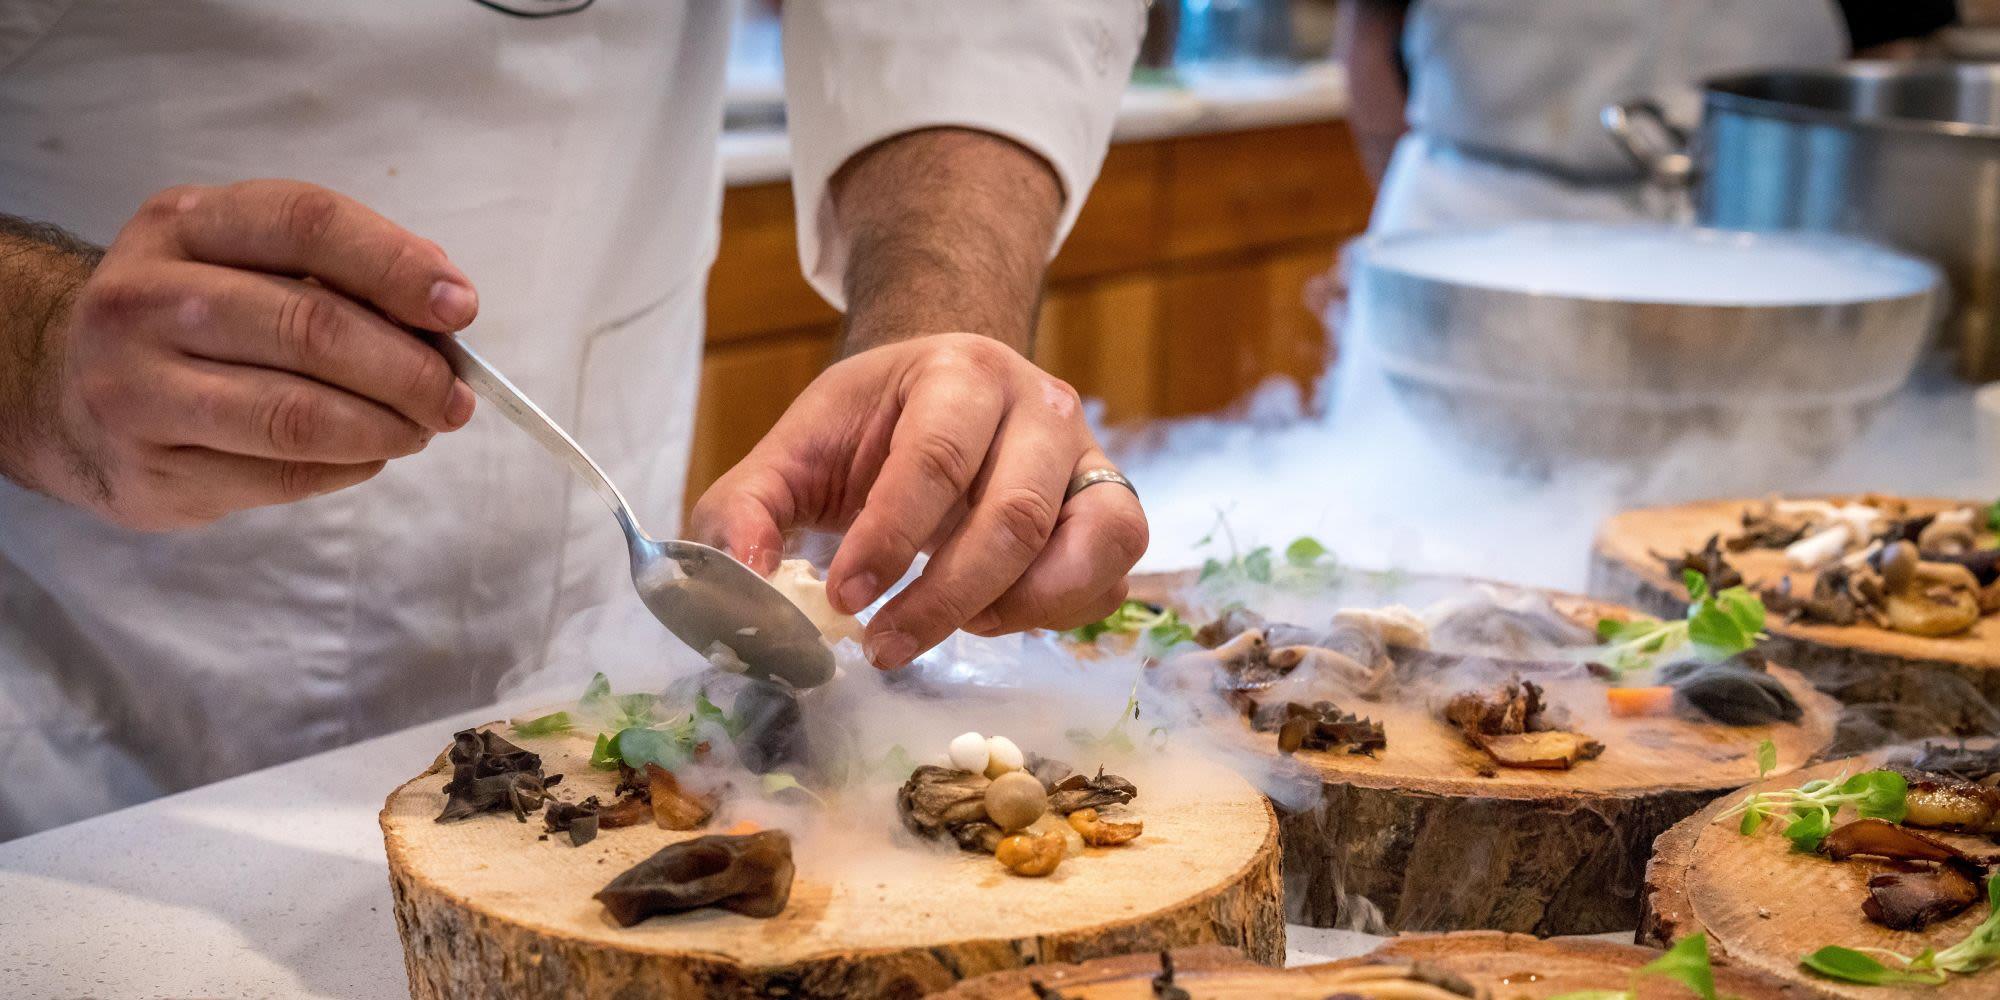 מסעדות בבורדו: חוויה קולינרית לדהימה